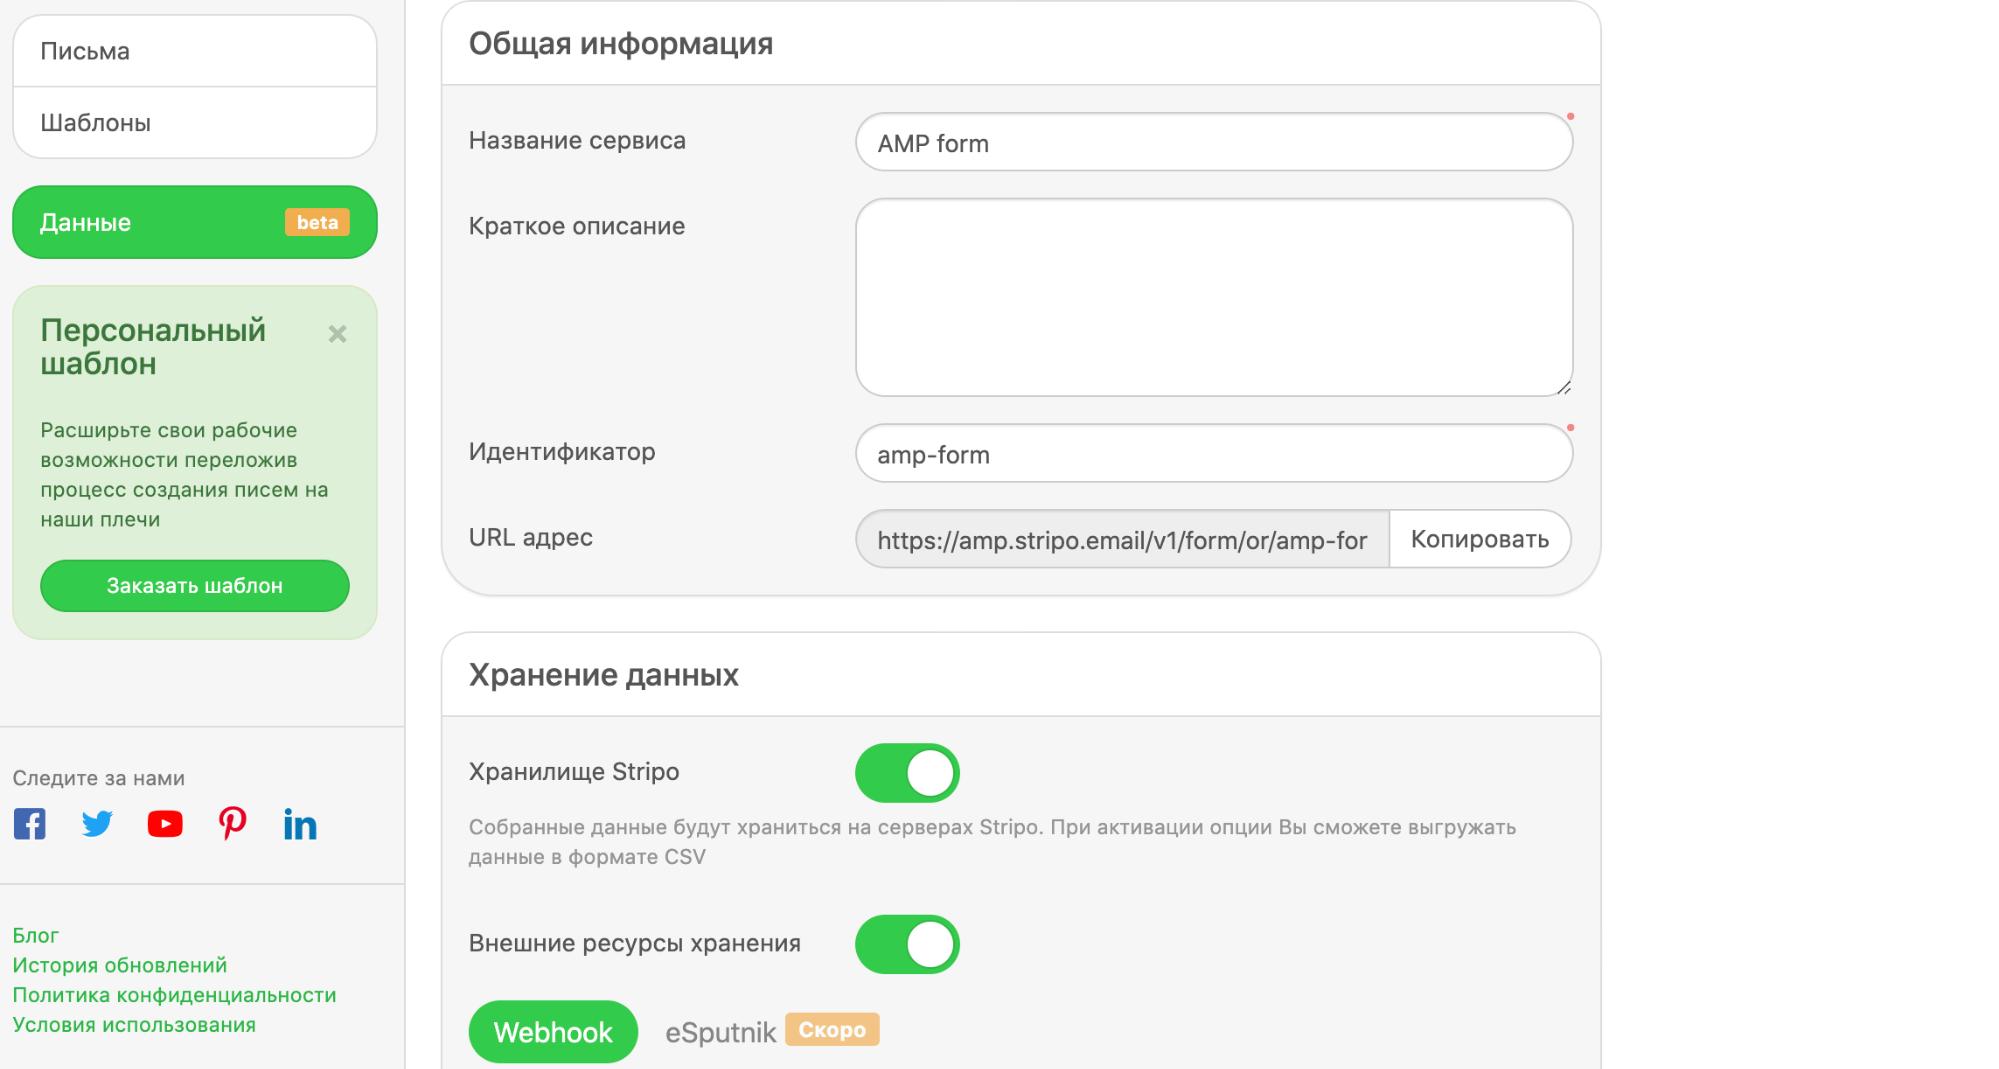 Хранилище данных для AMP